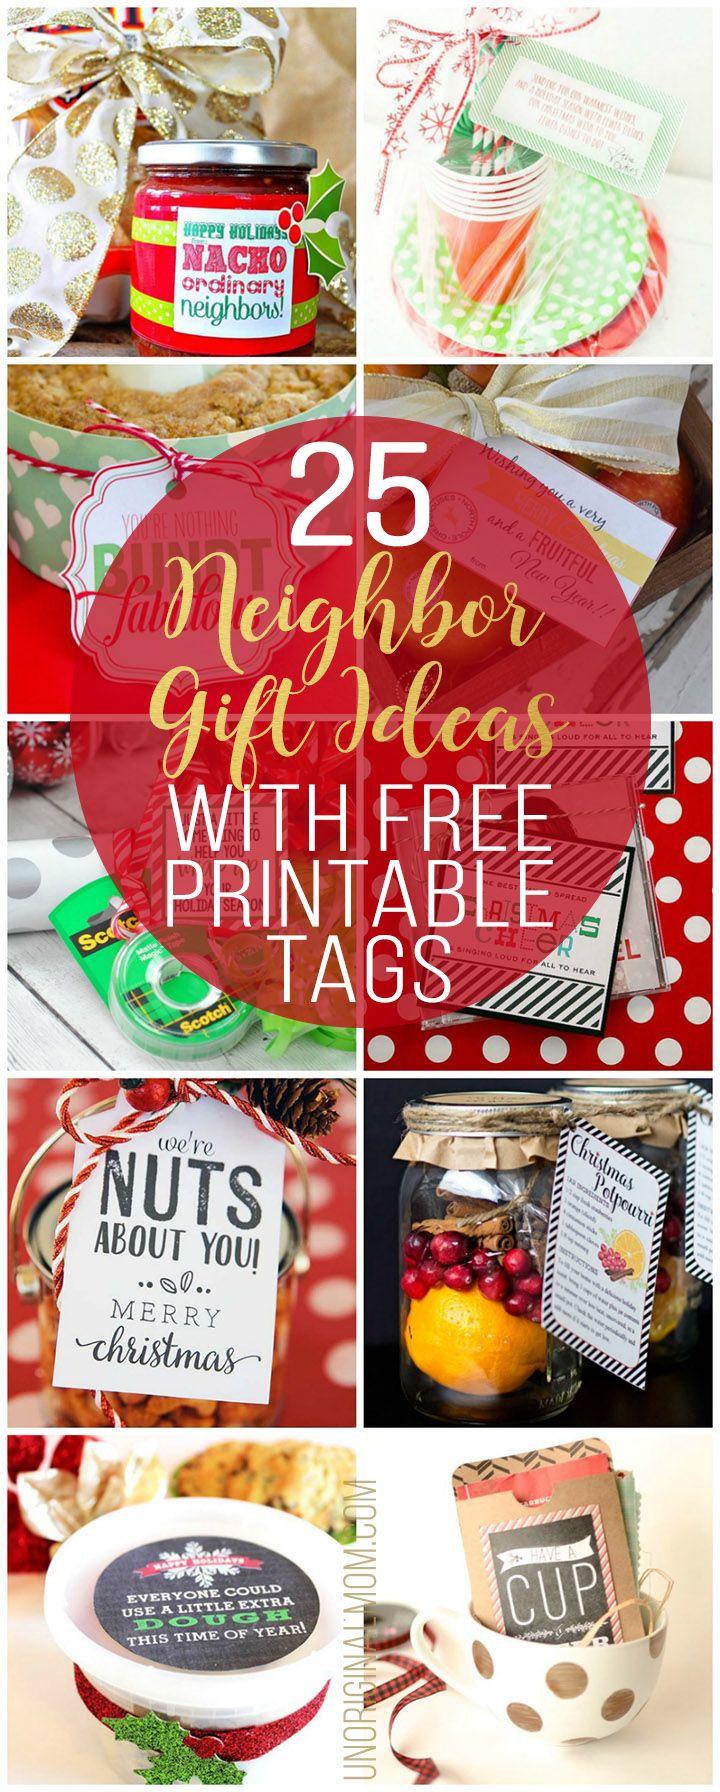 25 Neighbor Gift Ideas with Free Printable Tags | Printable tags ...